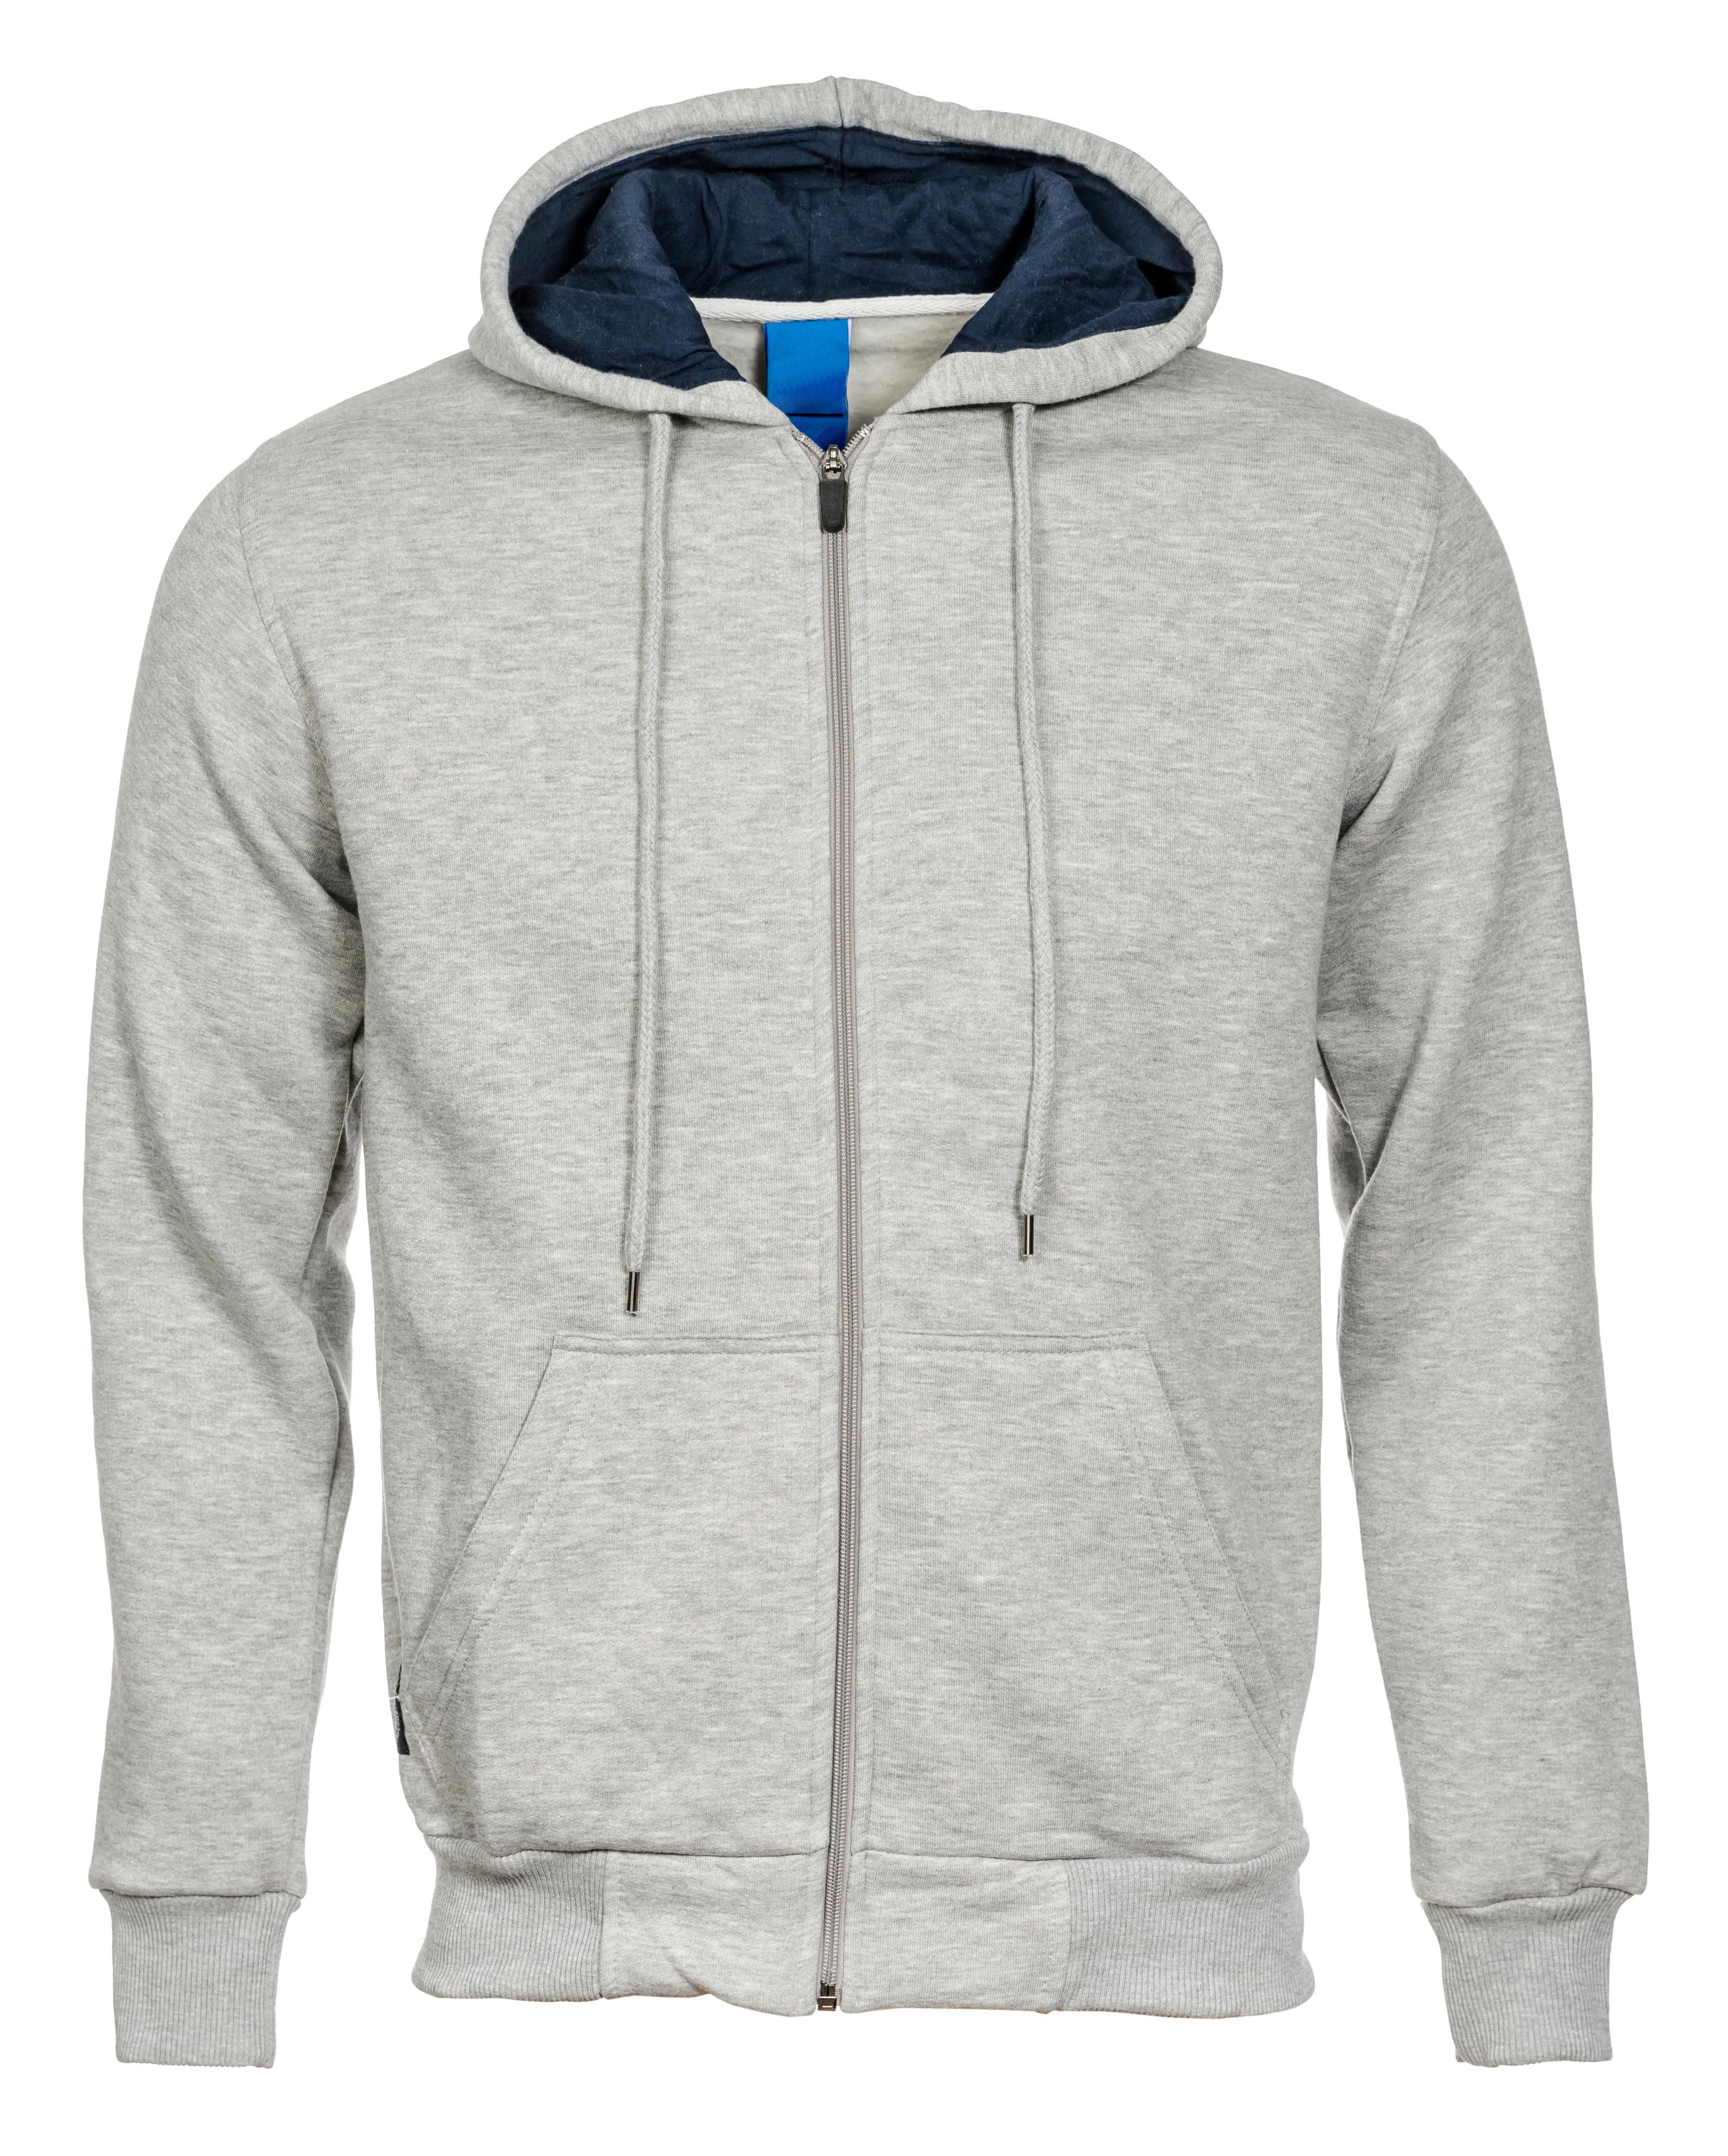 Custom made jackets (21)